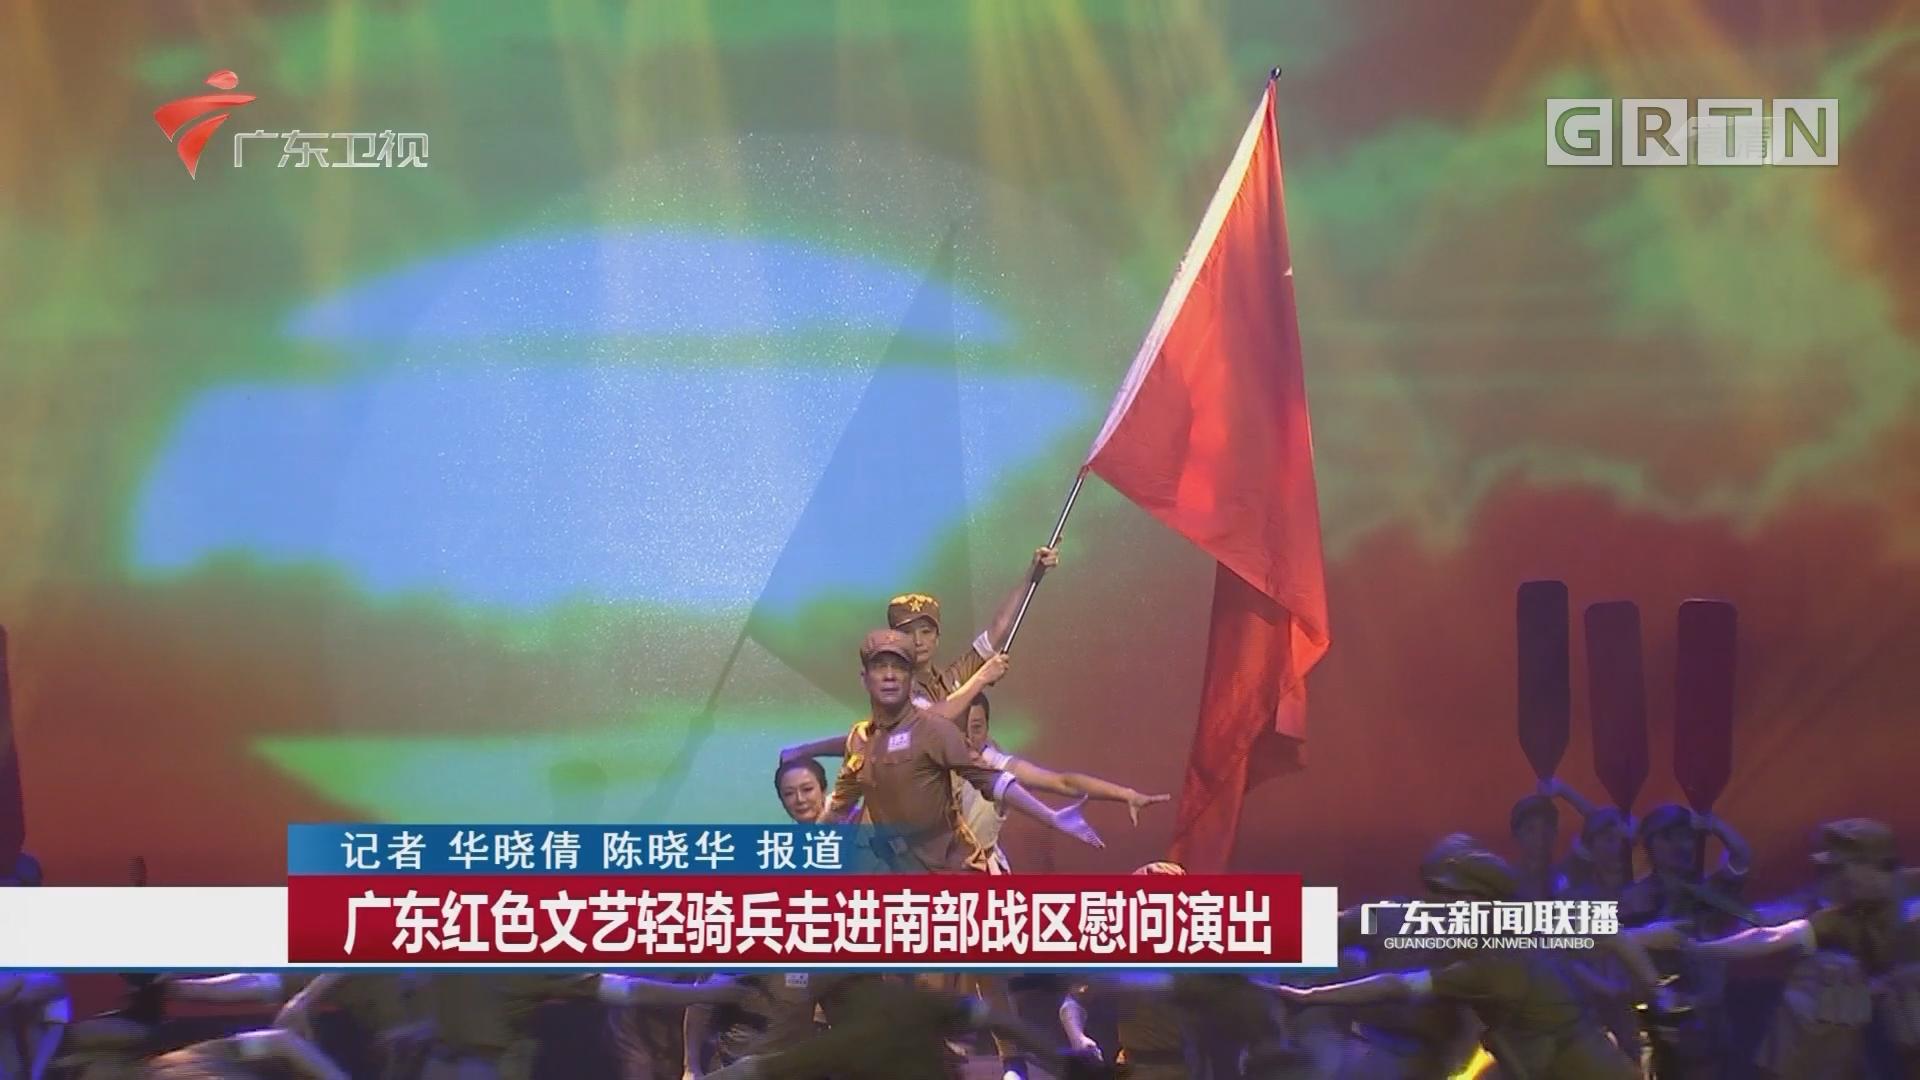 广东红色文艺轻骑兵走进南部战区慰问演出